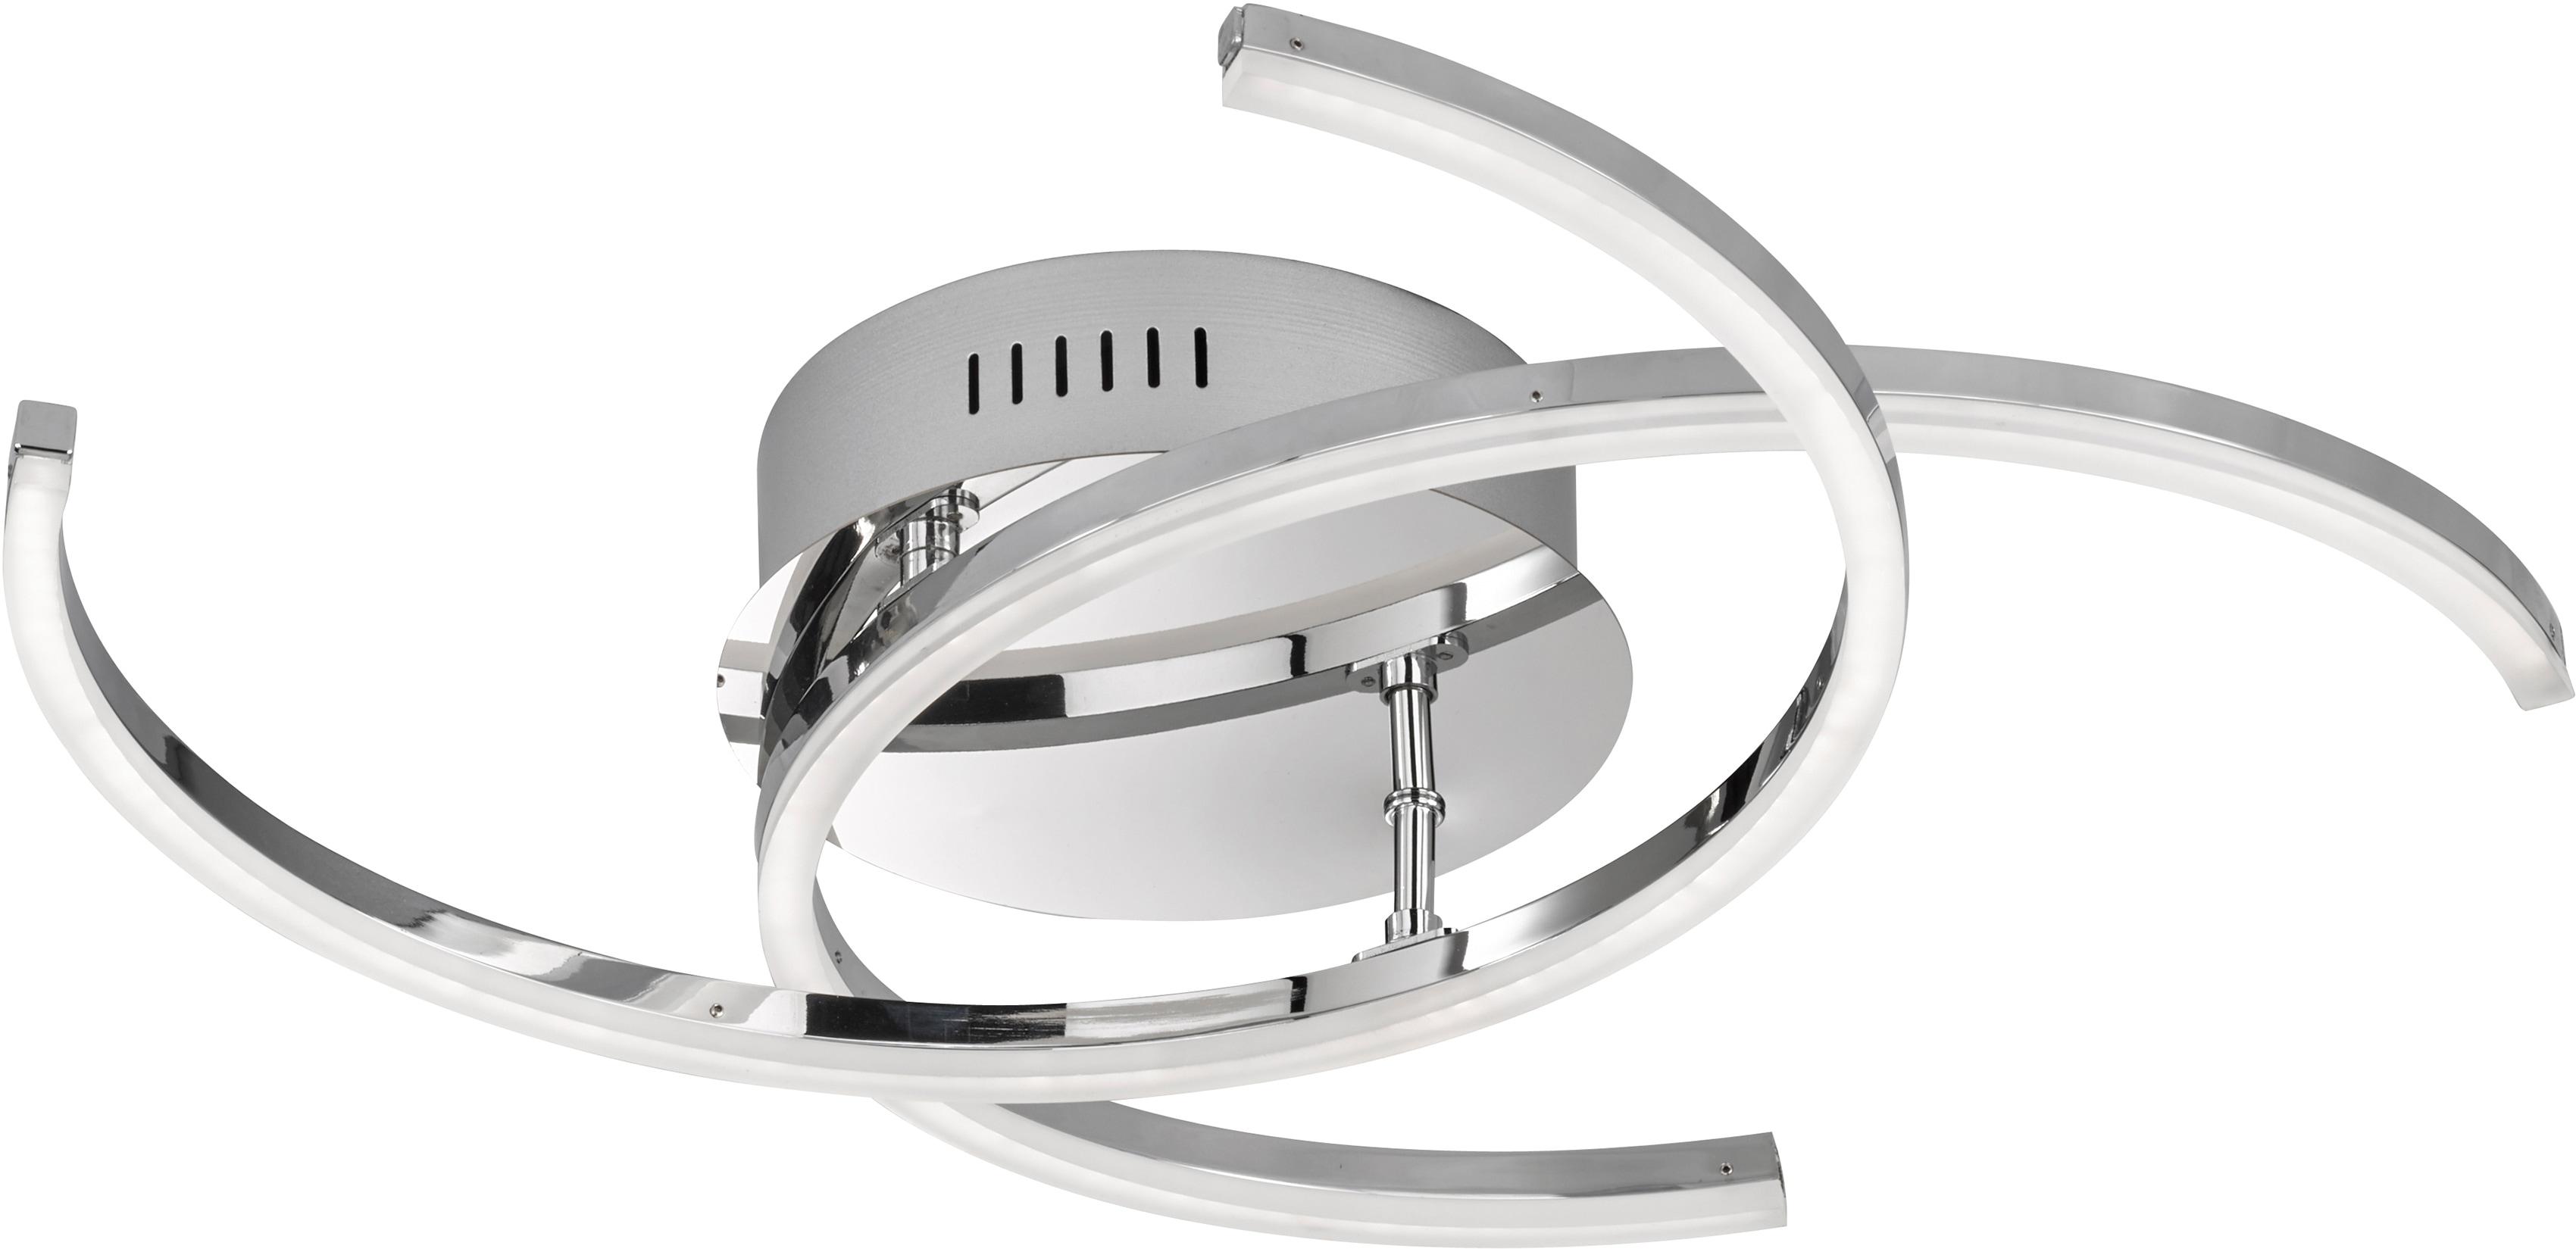 FISCHER & HONSEL LED Deckenleuchte Visby, LED-Modul, Warmweiß